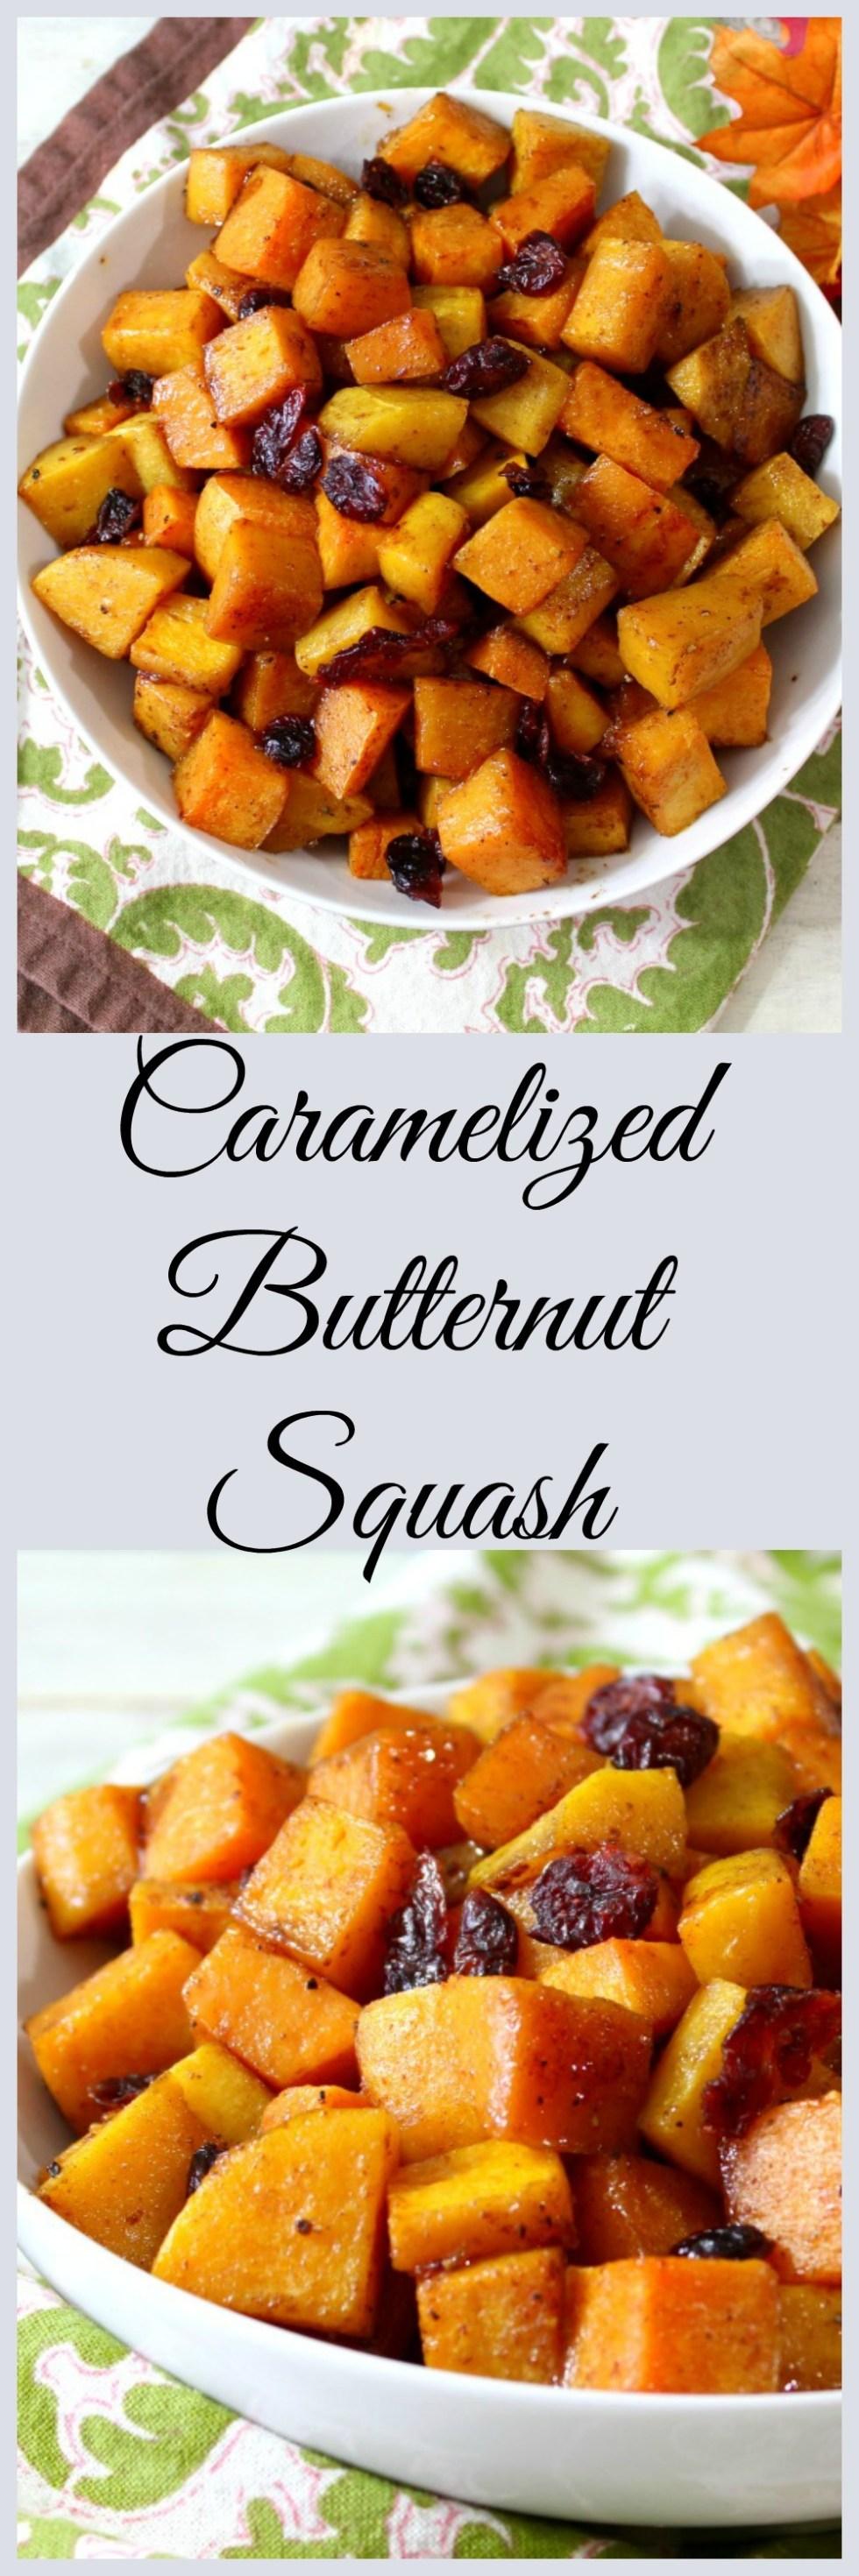 cCaramelized Butternut Squash